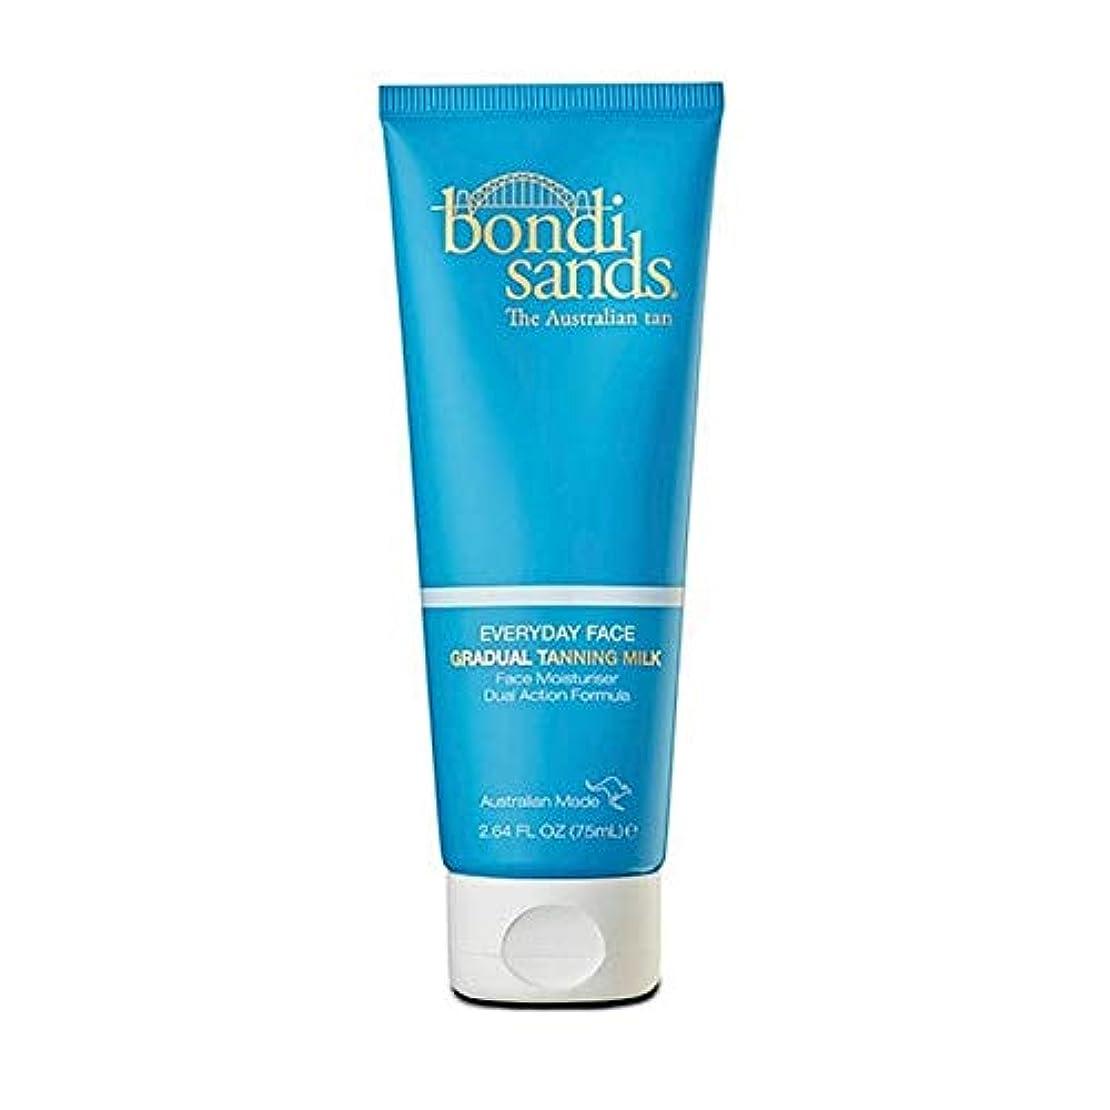 骨折テレビ局行商人[Bondi Sands ] 日常ボンダイ砂 - 顔のための段階的な日焼けミルク - 75ミリリットル - Bondi Sands Everyday - Gradual Tanning Milk for Face - 75ml...